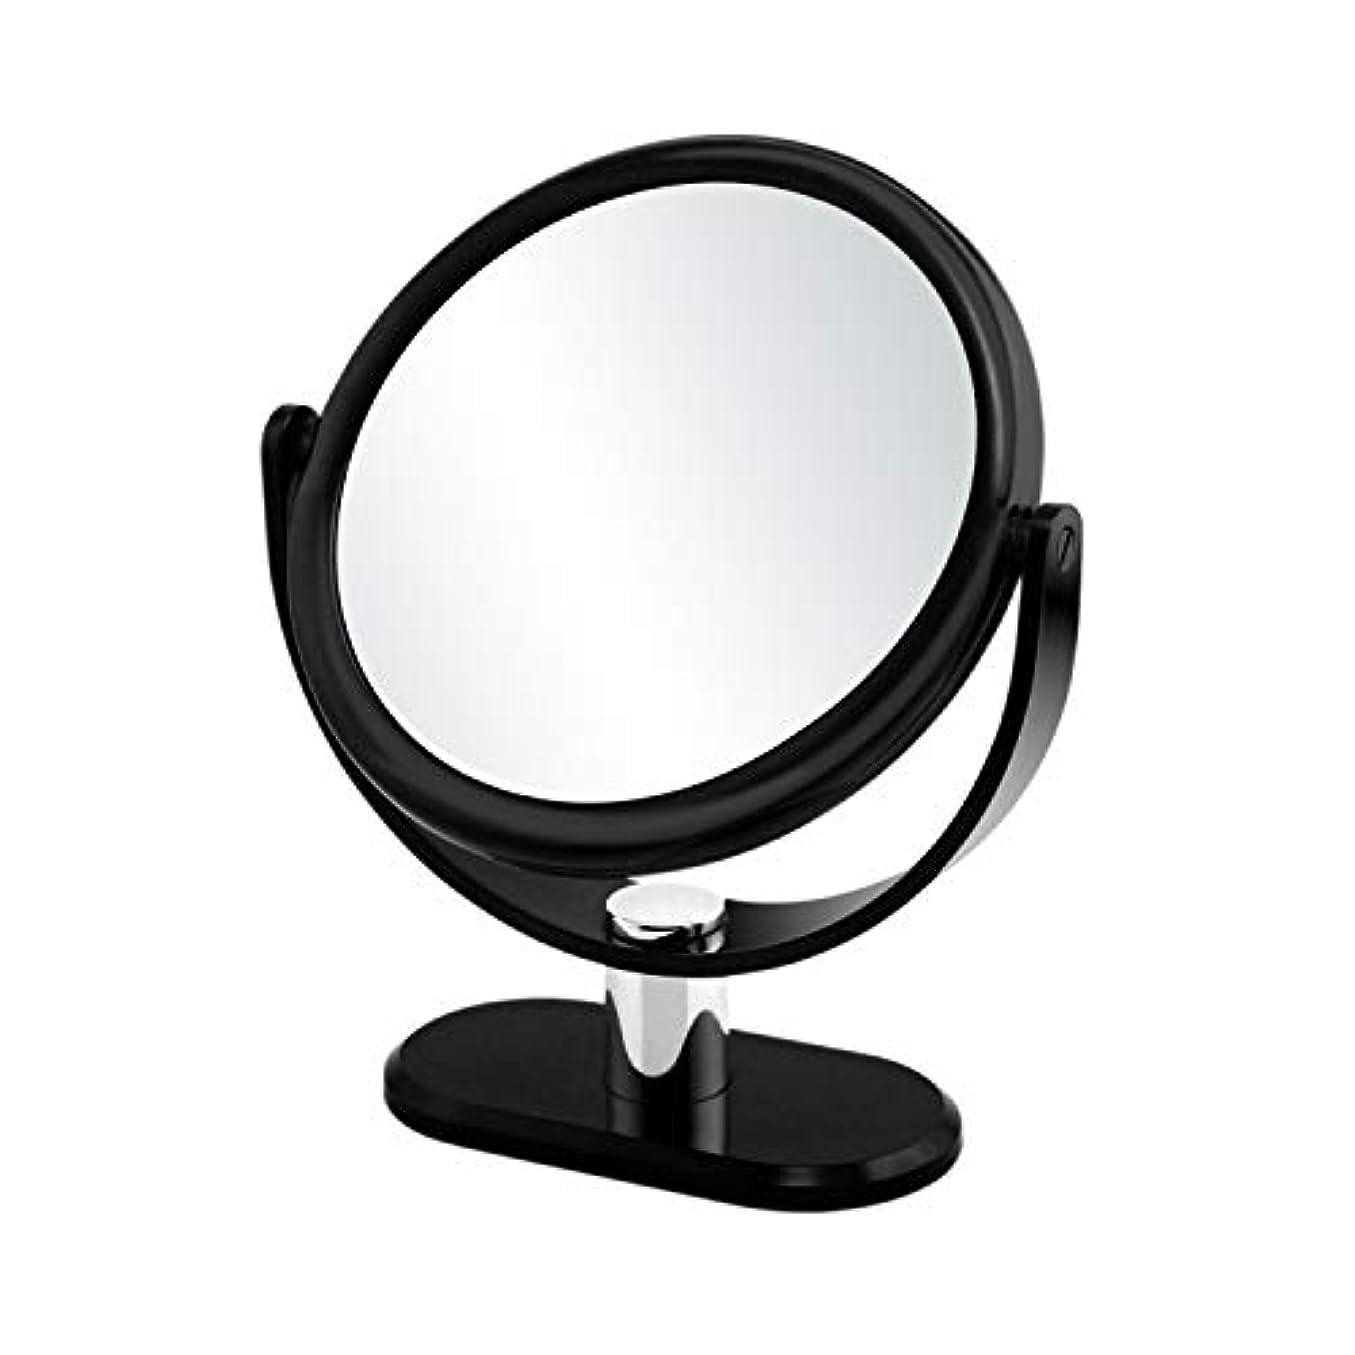 ポルノチョコレート味わうGorwRich ブラック卓上鏡 化粧鏡 スタンドミラー 女優ミラー 卓上ミラー 両面鏡 7倍拡大鏡と等倍鏡